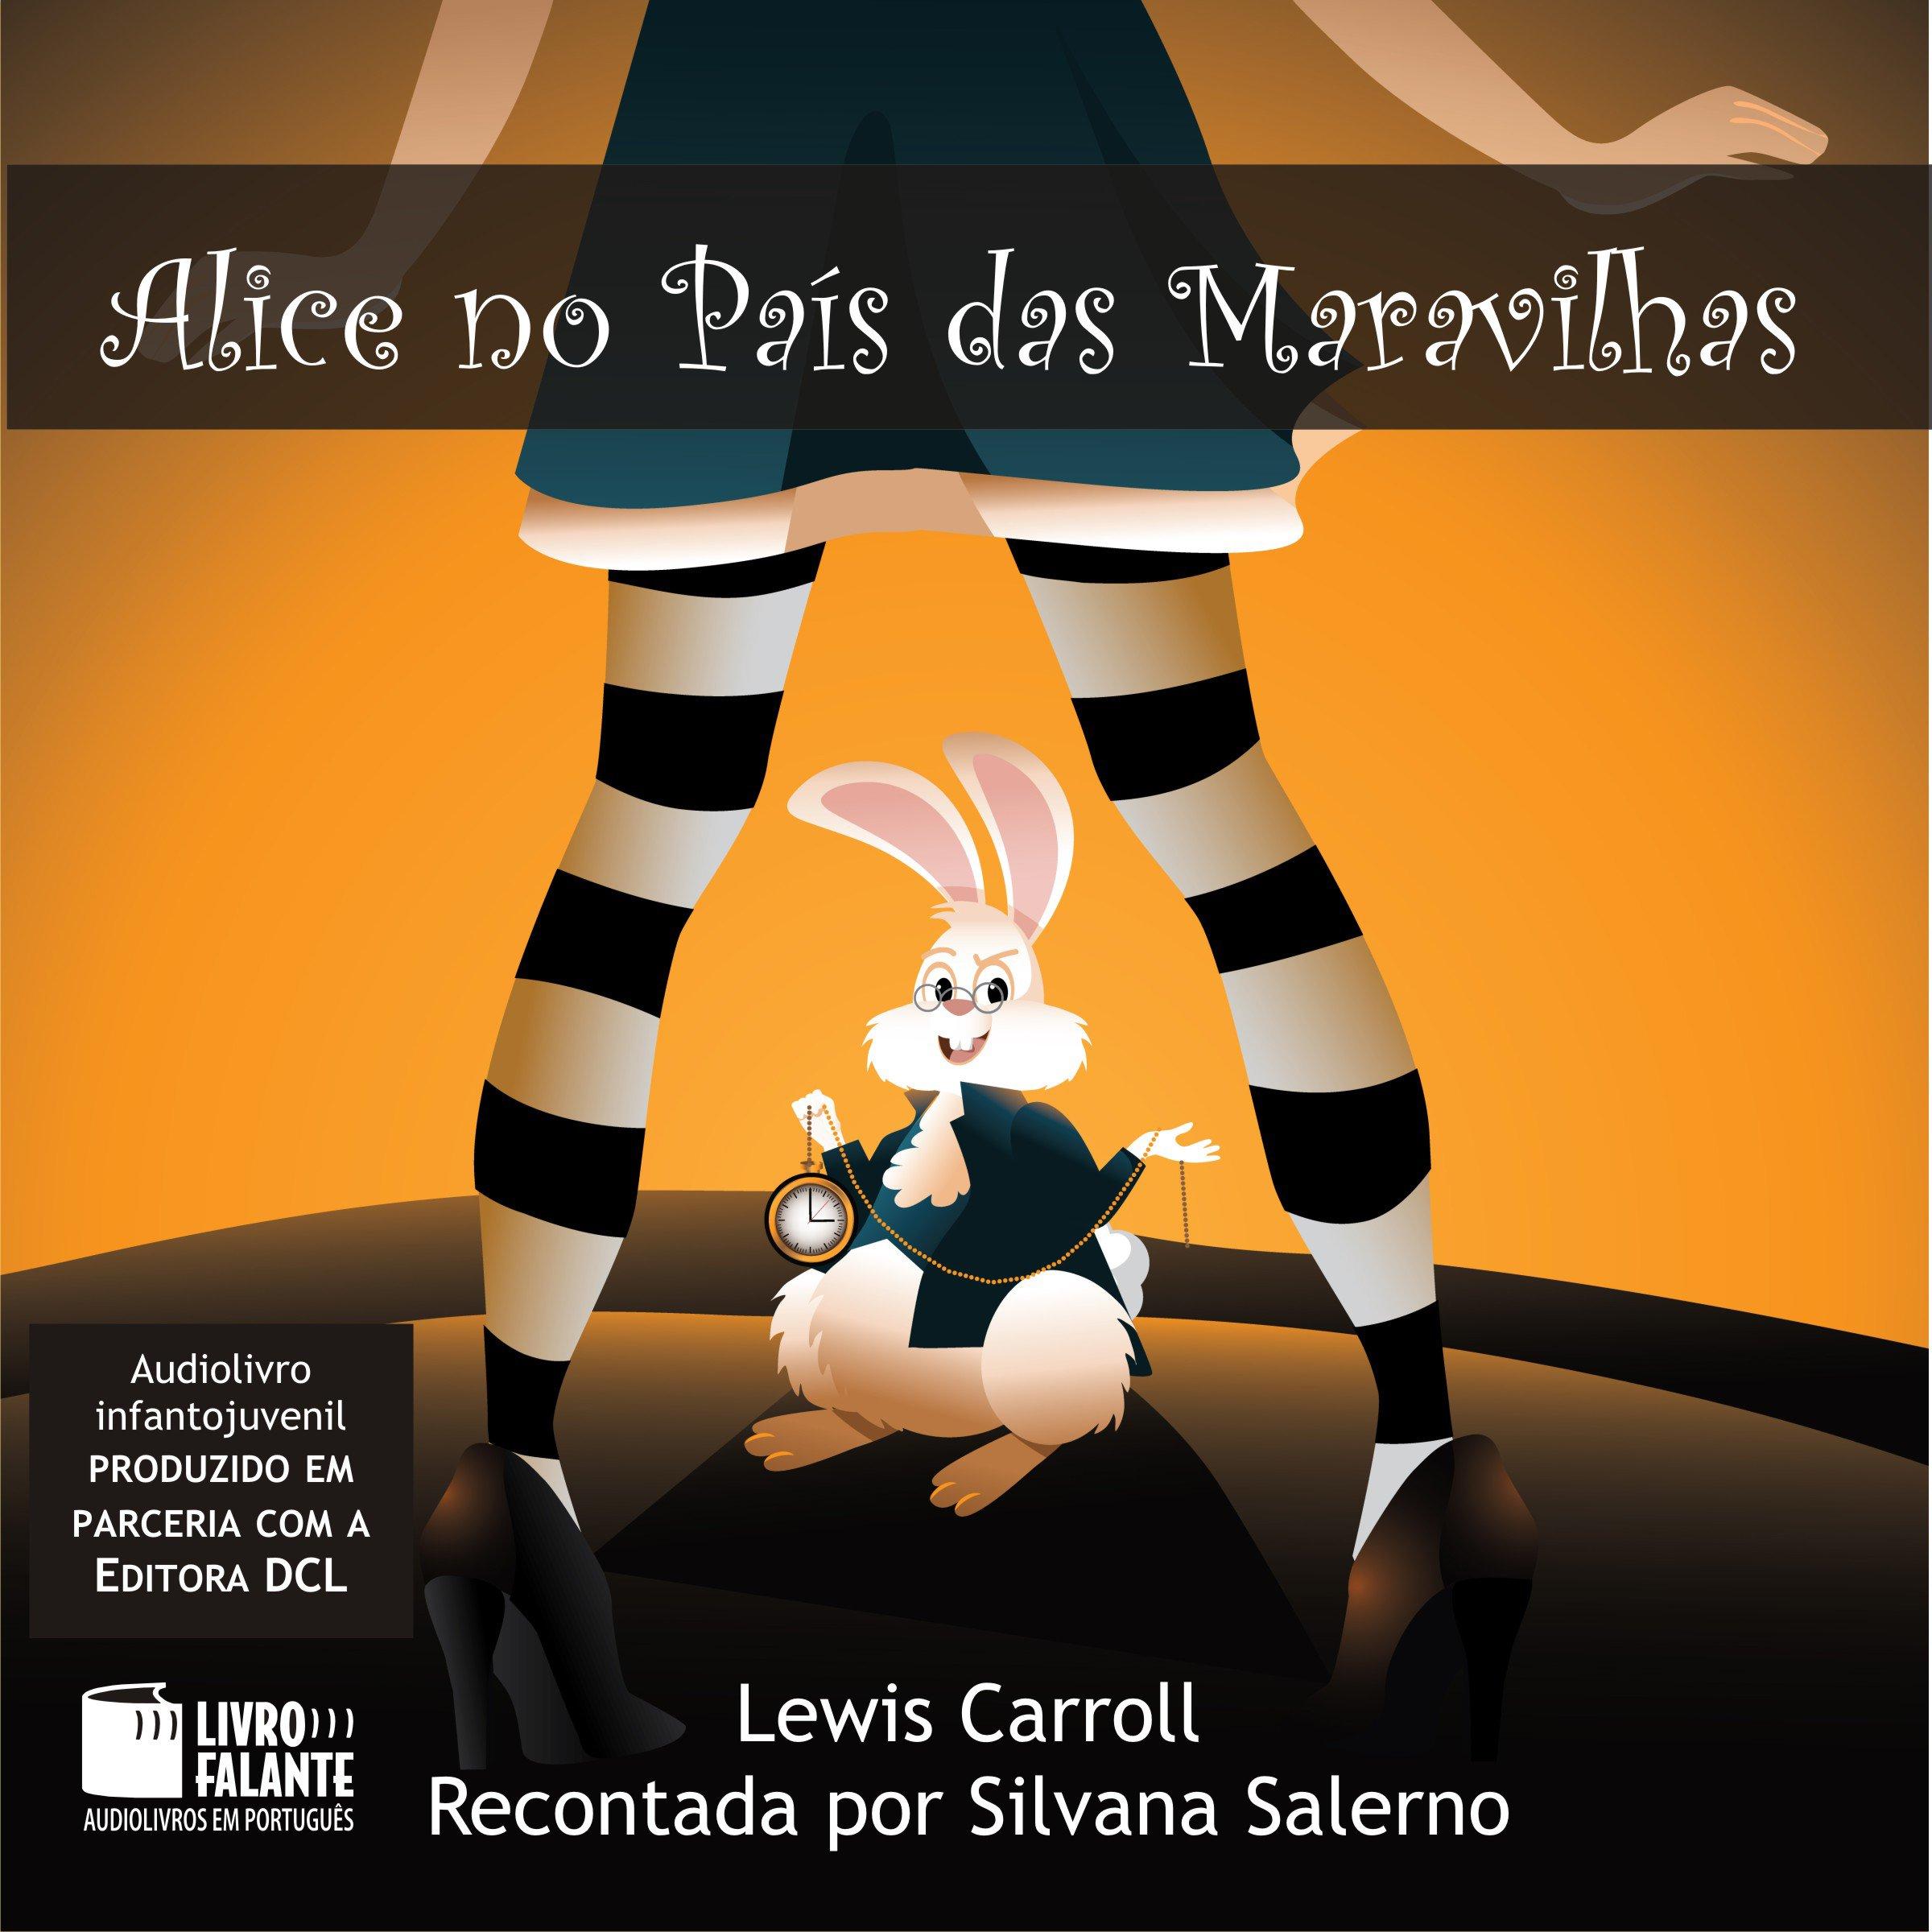 Alice no País das Maravilhas | Audiolivro